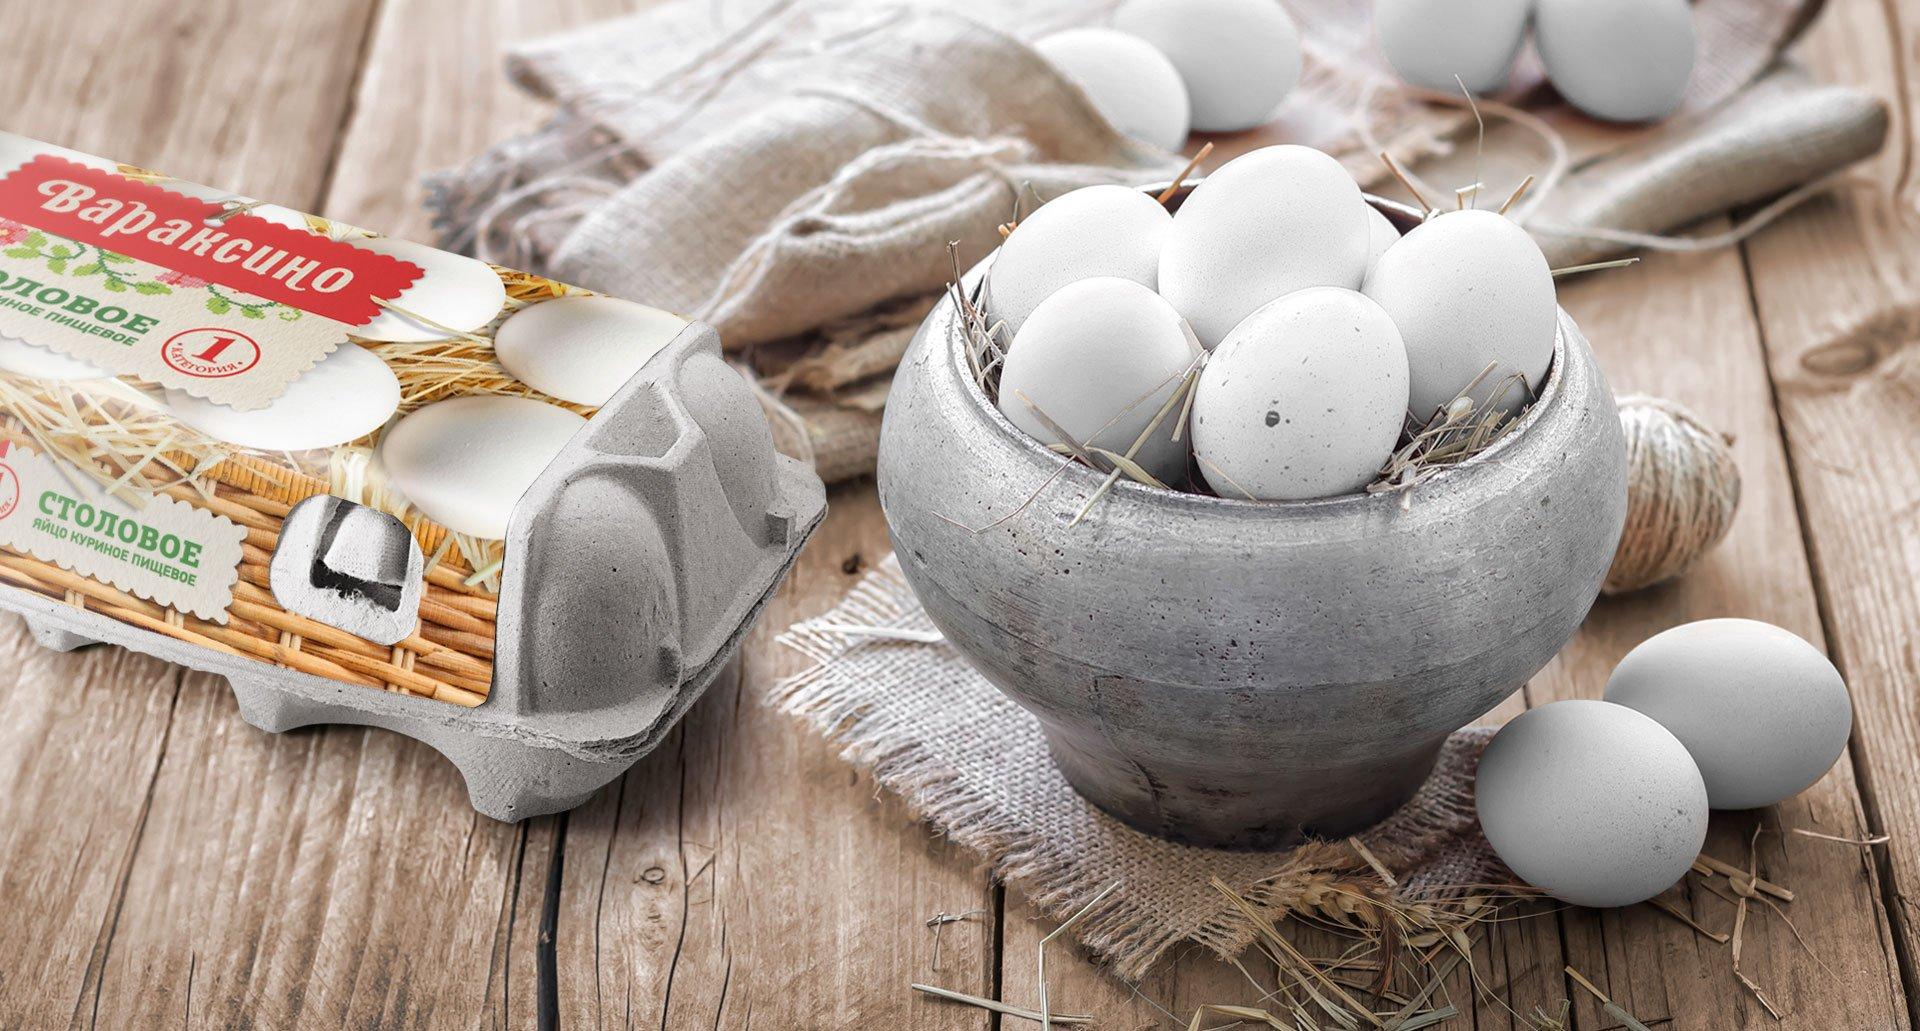 Удмуртия наладила экспорт яйца в ОАЭ, первая партия 437 тыс штук